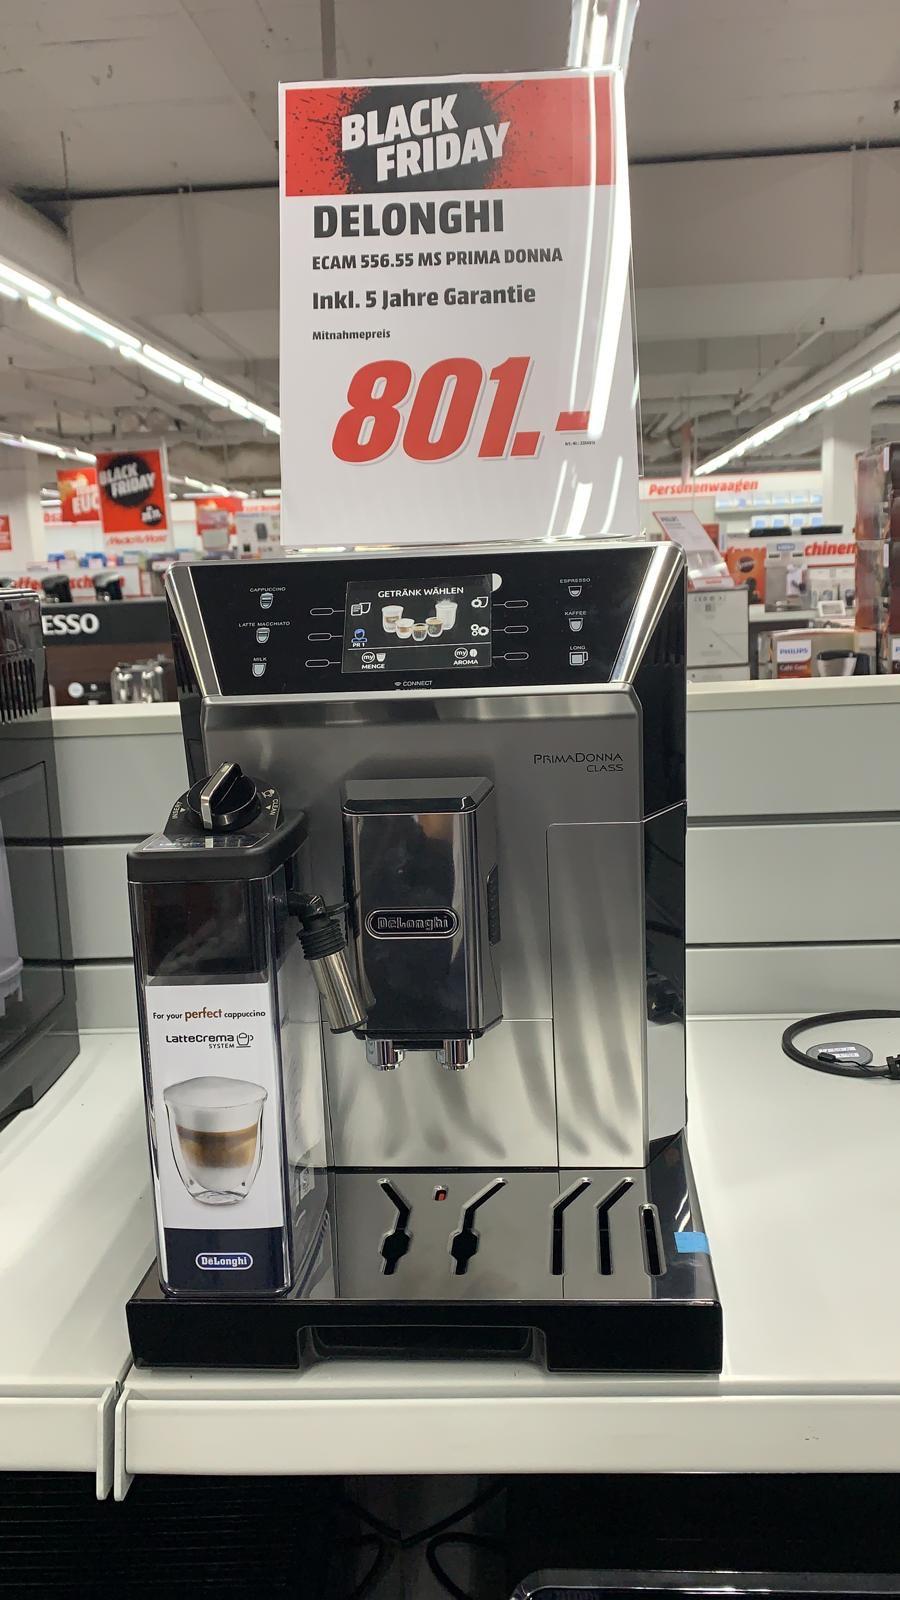 (Lokal Krefeld) DeLonghi ECAM 556.55.MS Kaffeevollautomat für 801 € inkl. 5 Jahres Garantie bei Media Markt